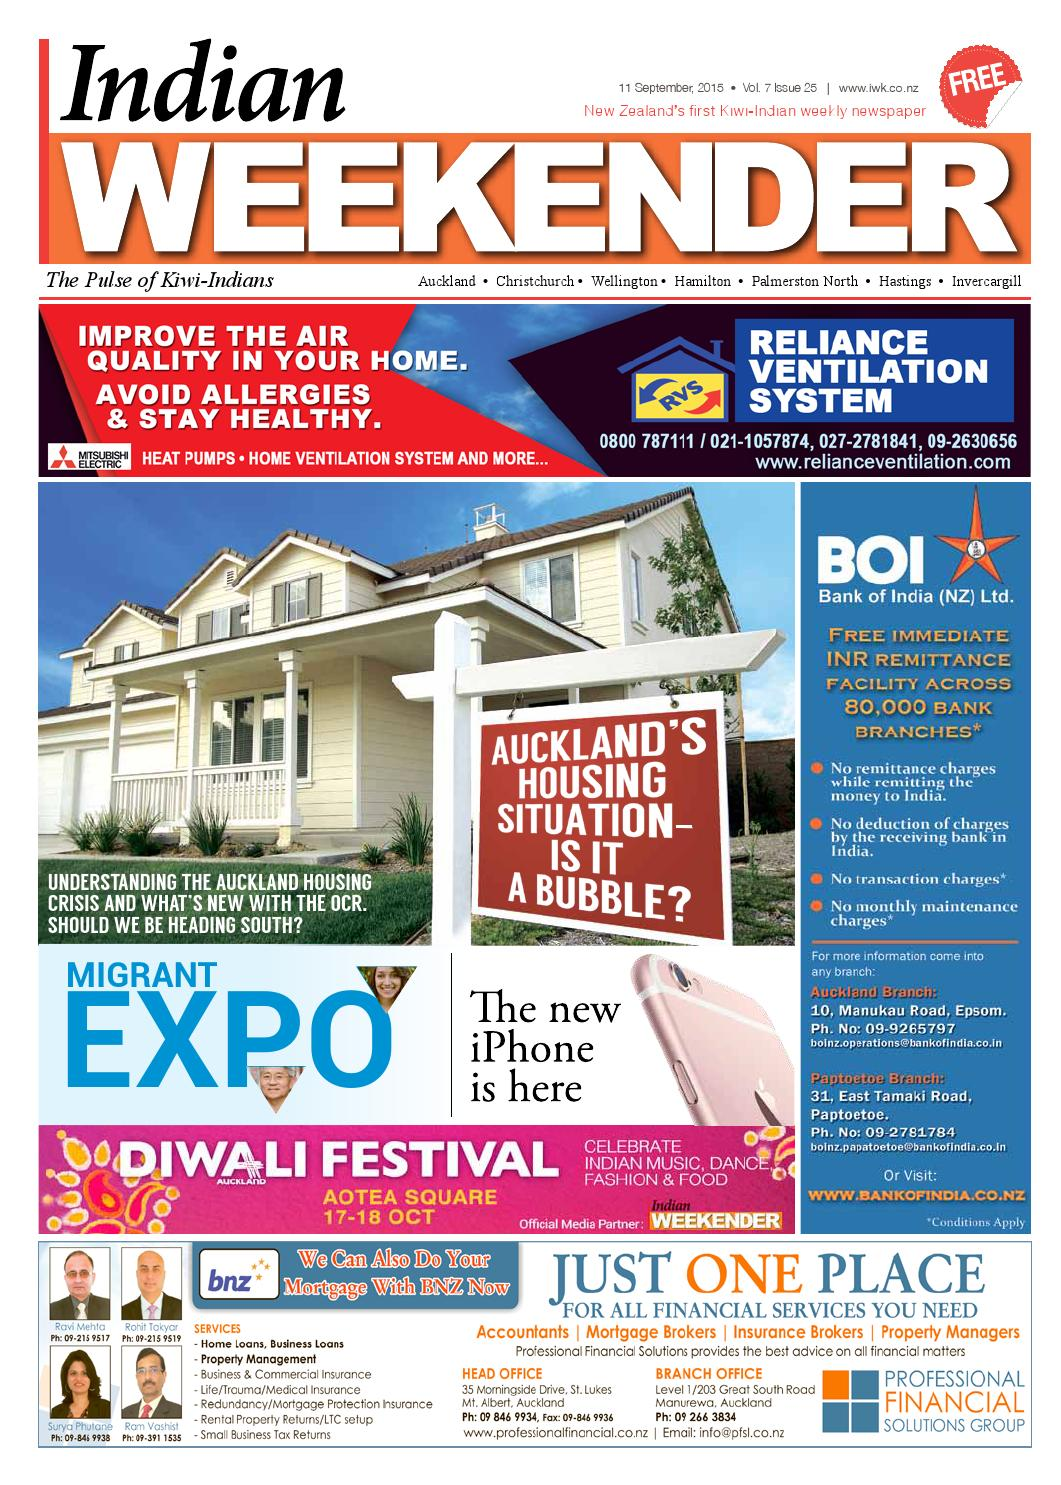 Indian Weekender 11 September 2015 Vol 7 Issue 25 by Swati